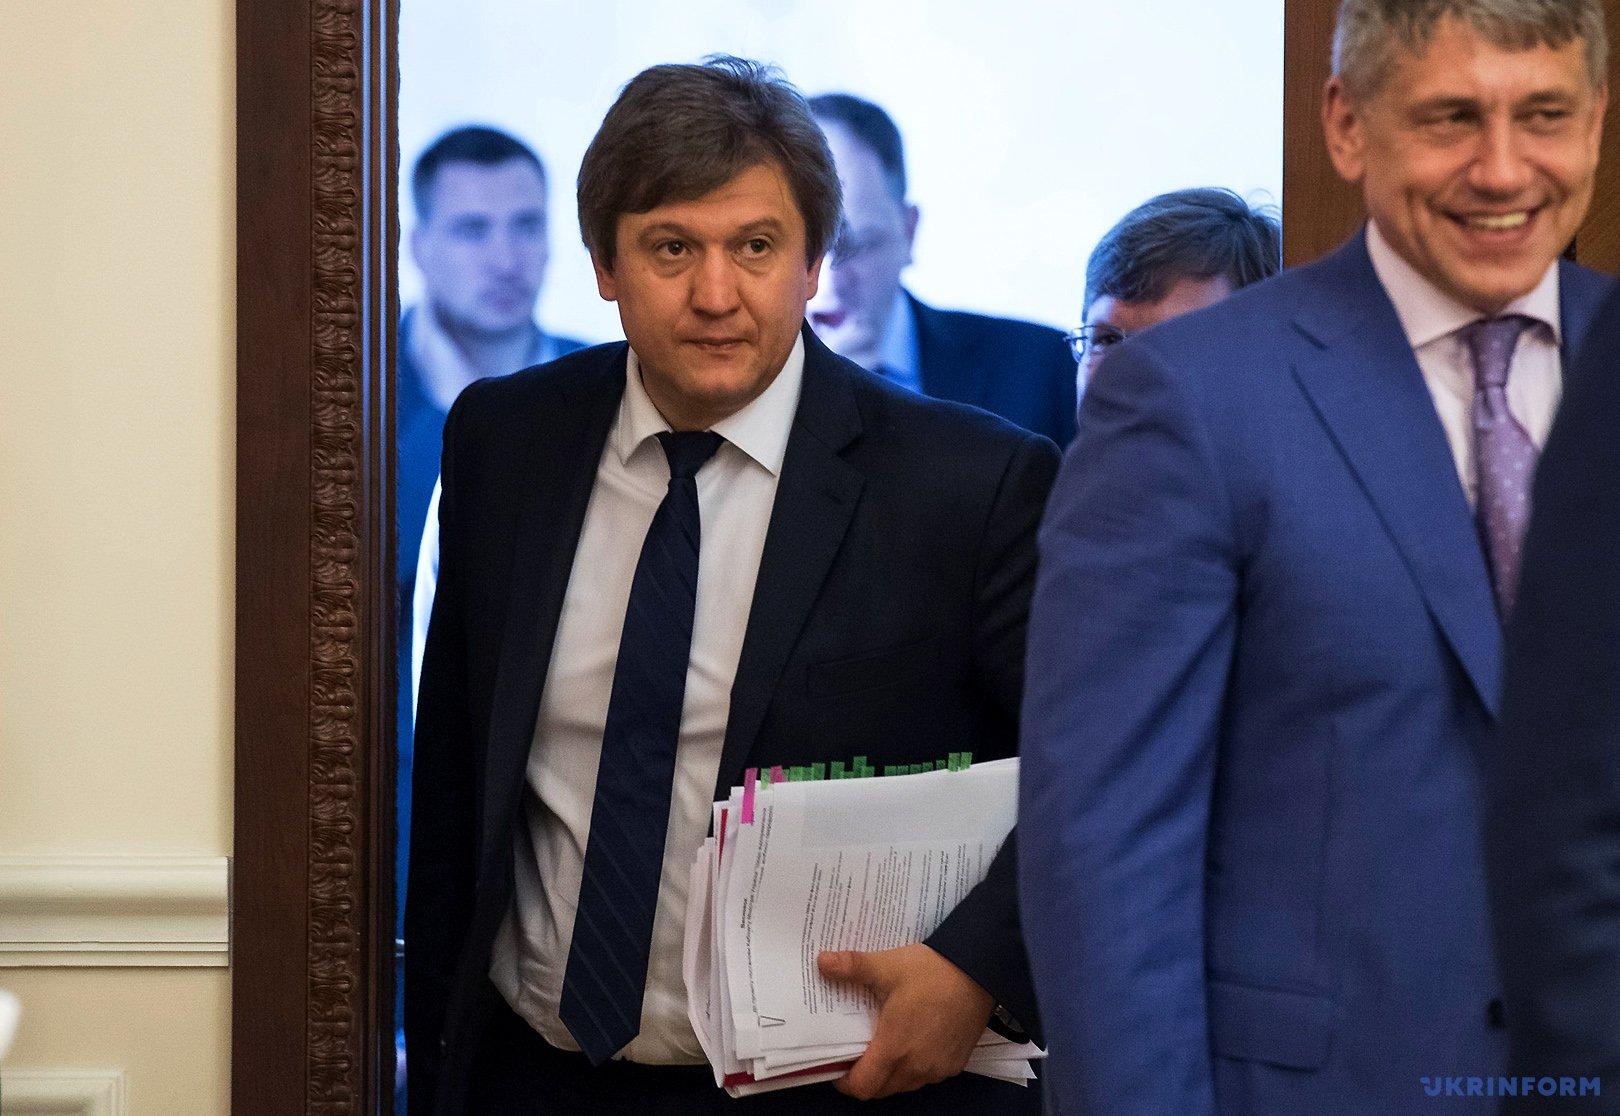 Олександр Данилюк - міністр фінансів України